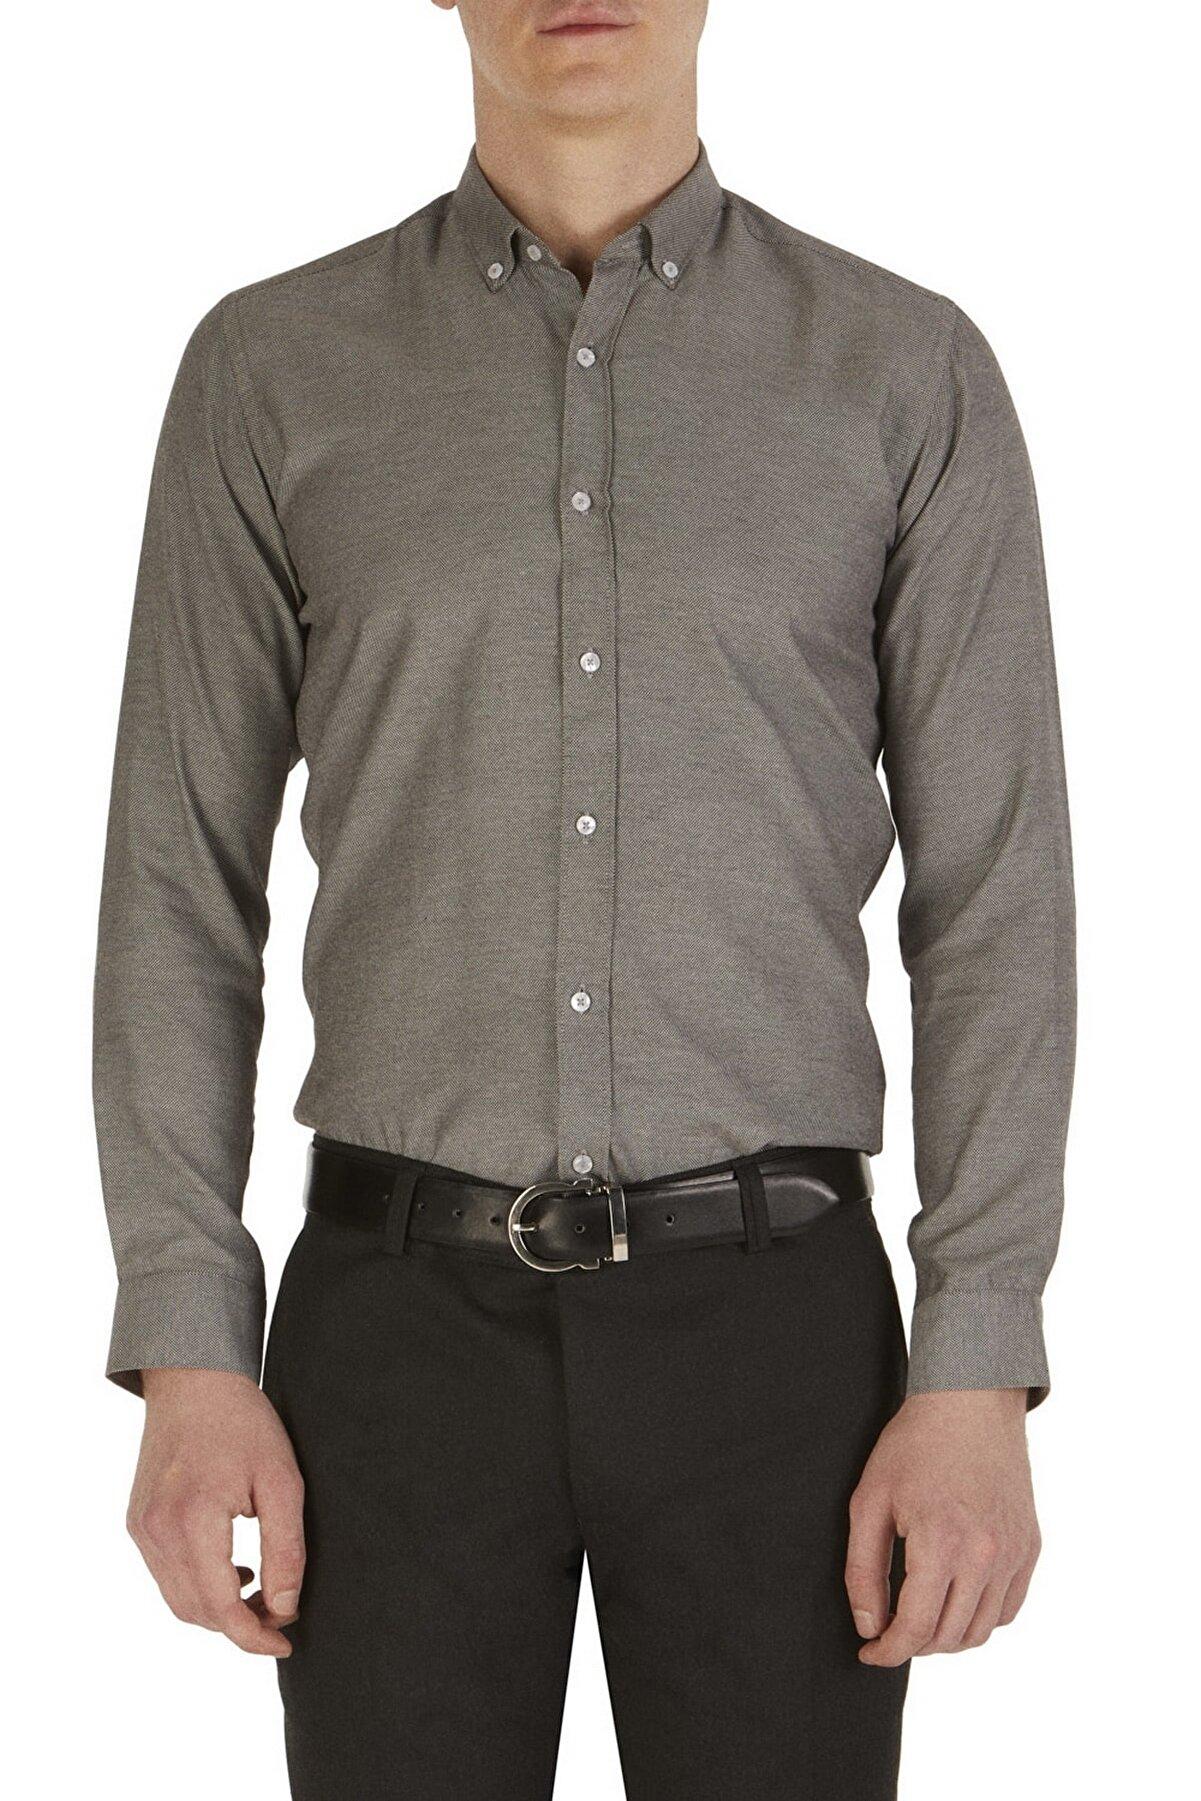 Efor Gk 517 Slim Fit Siyah-beyaz Klasik Gömlek